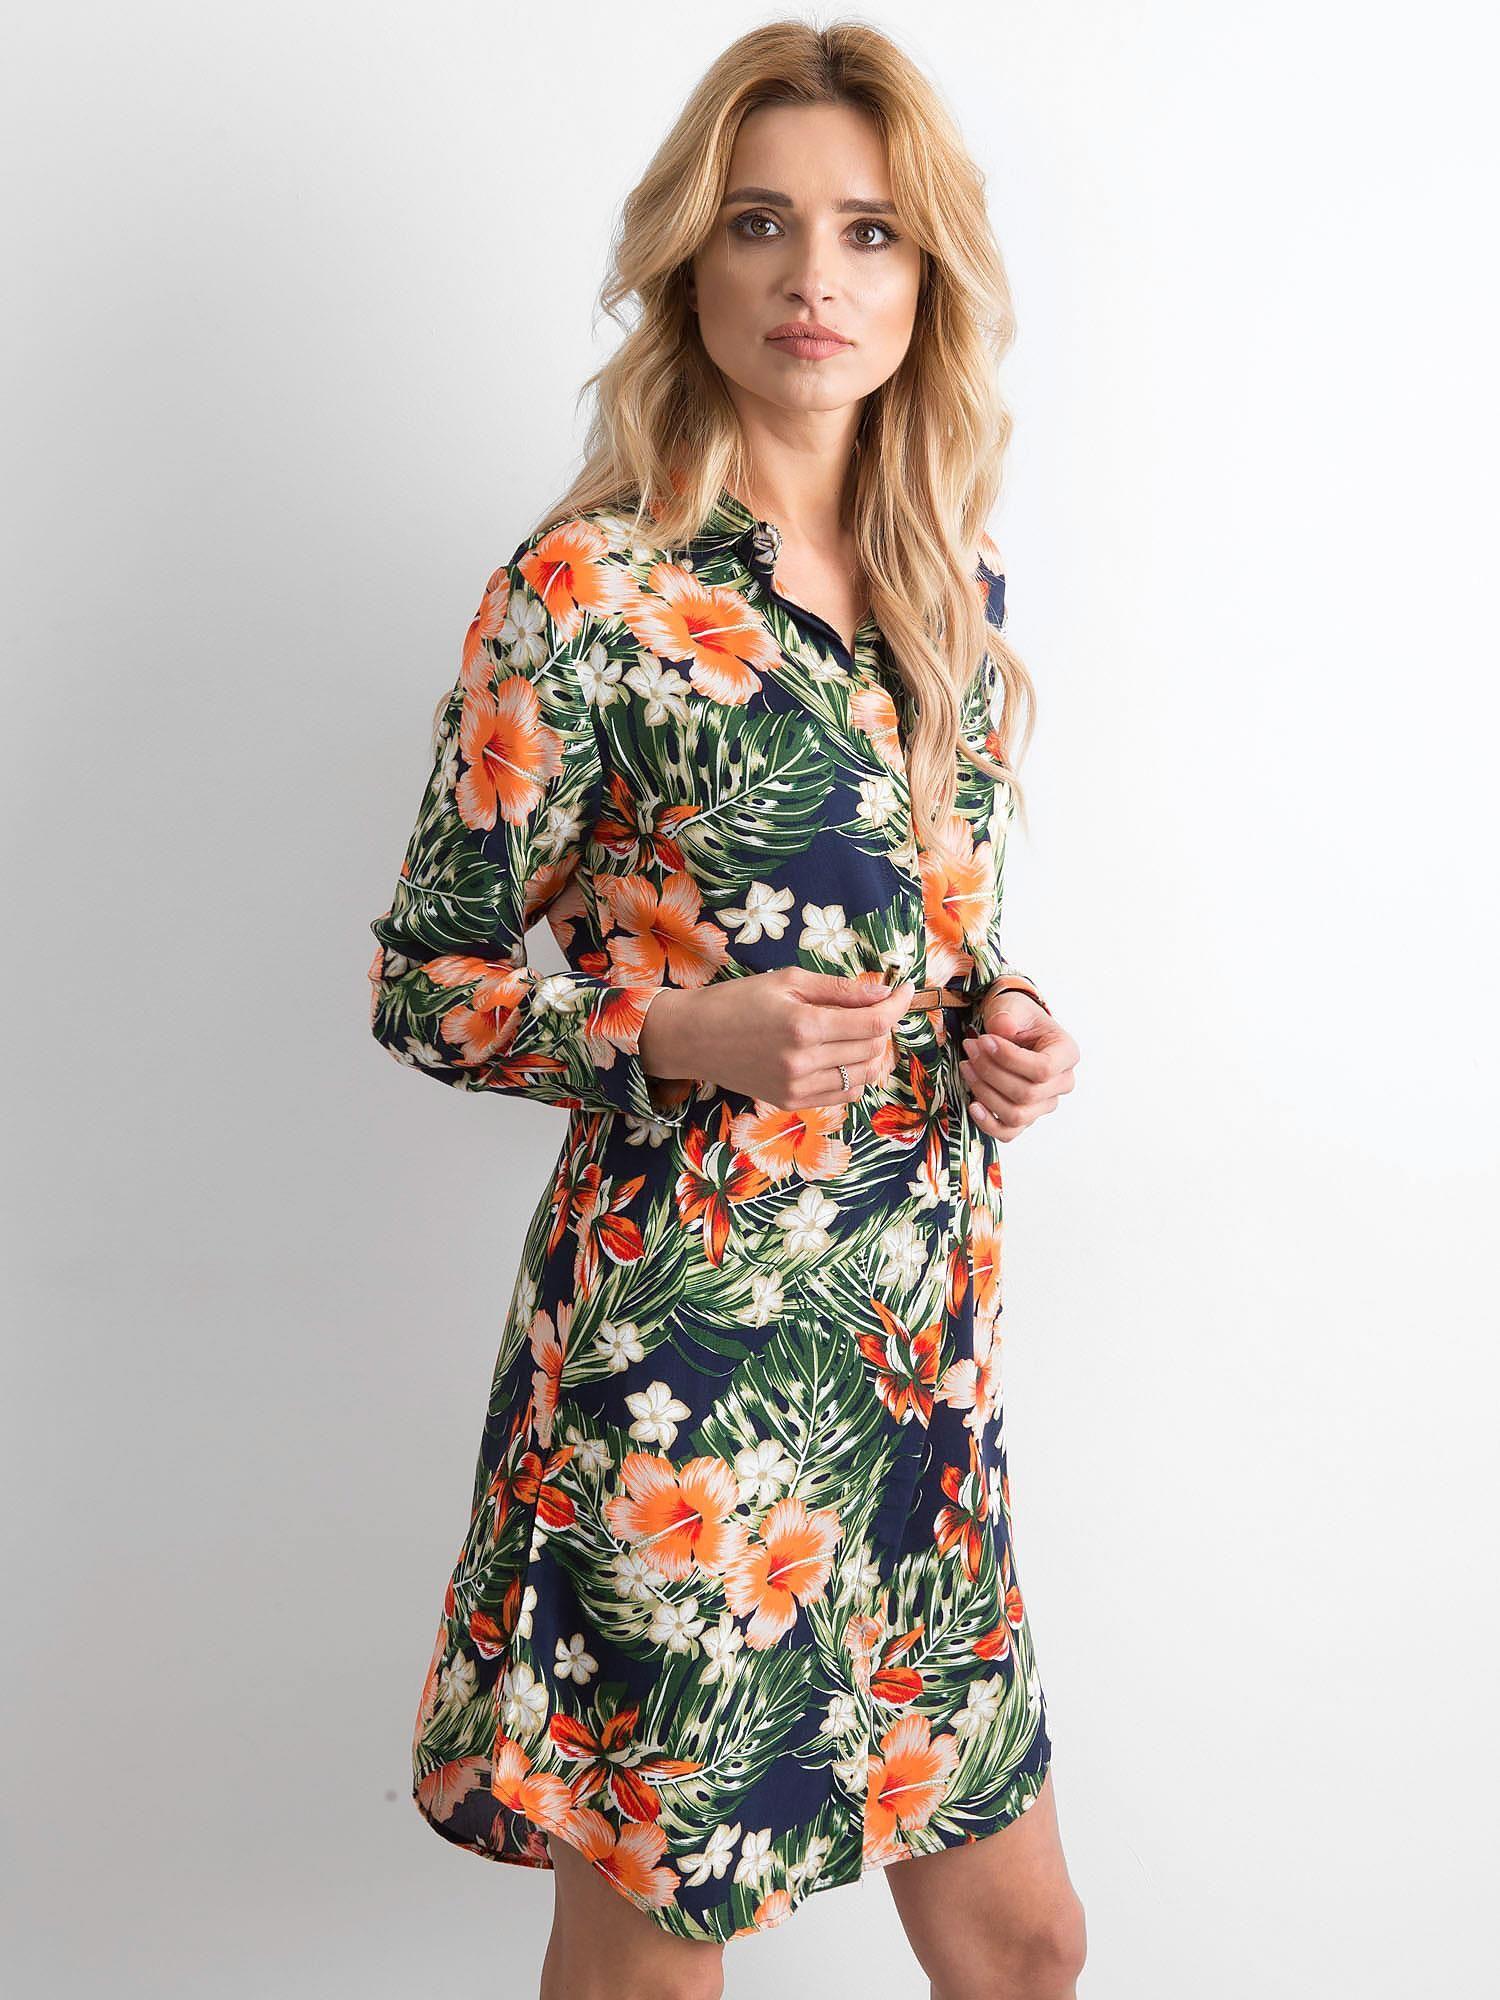 cda13bed39d4a0 Granatowa sukienka szmizjerka w kwiaty - Sukienka szmizjerka - sklep ...